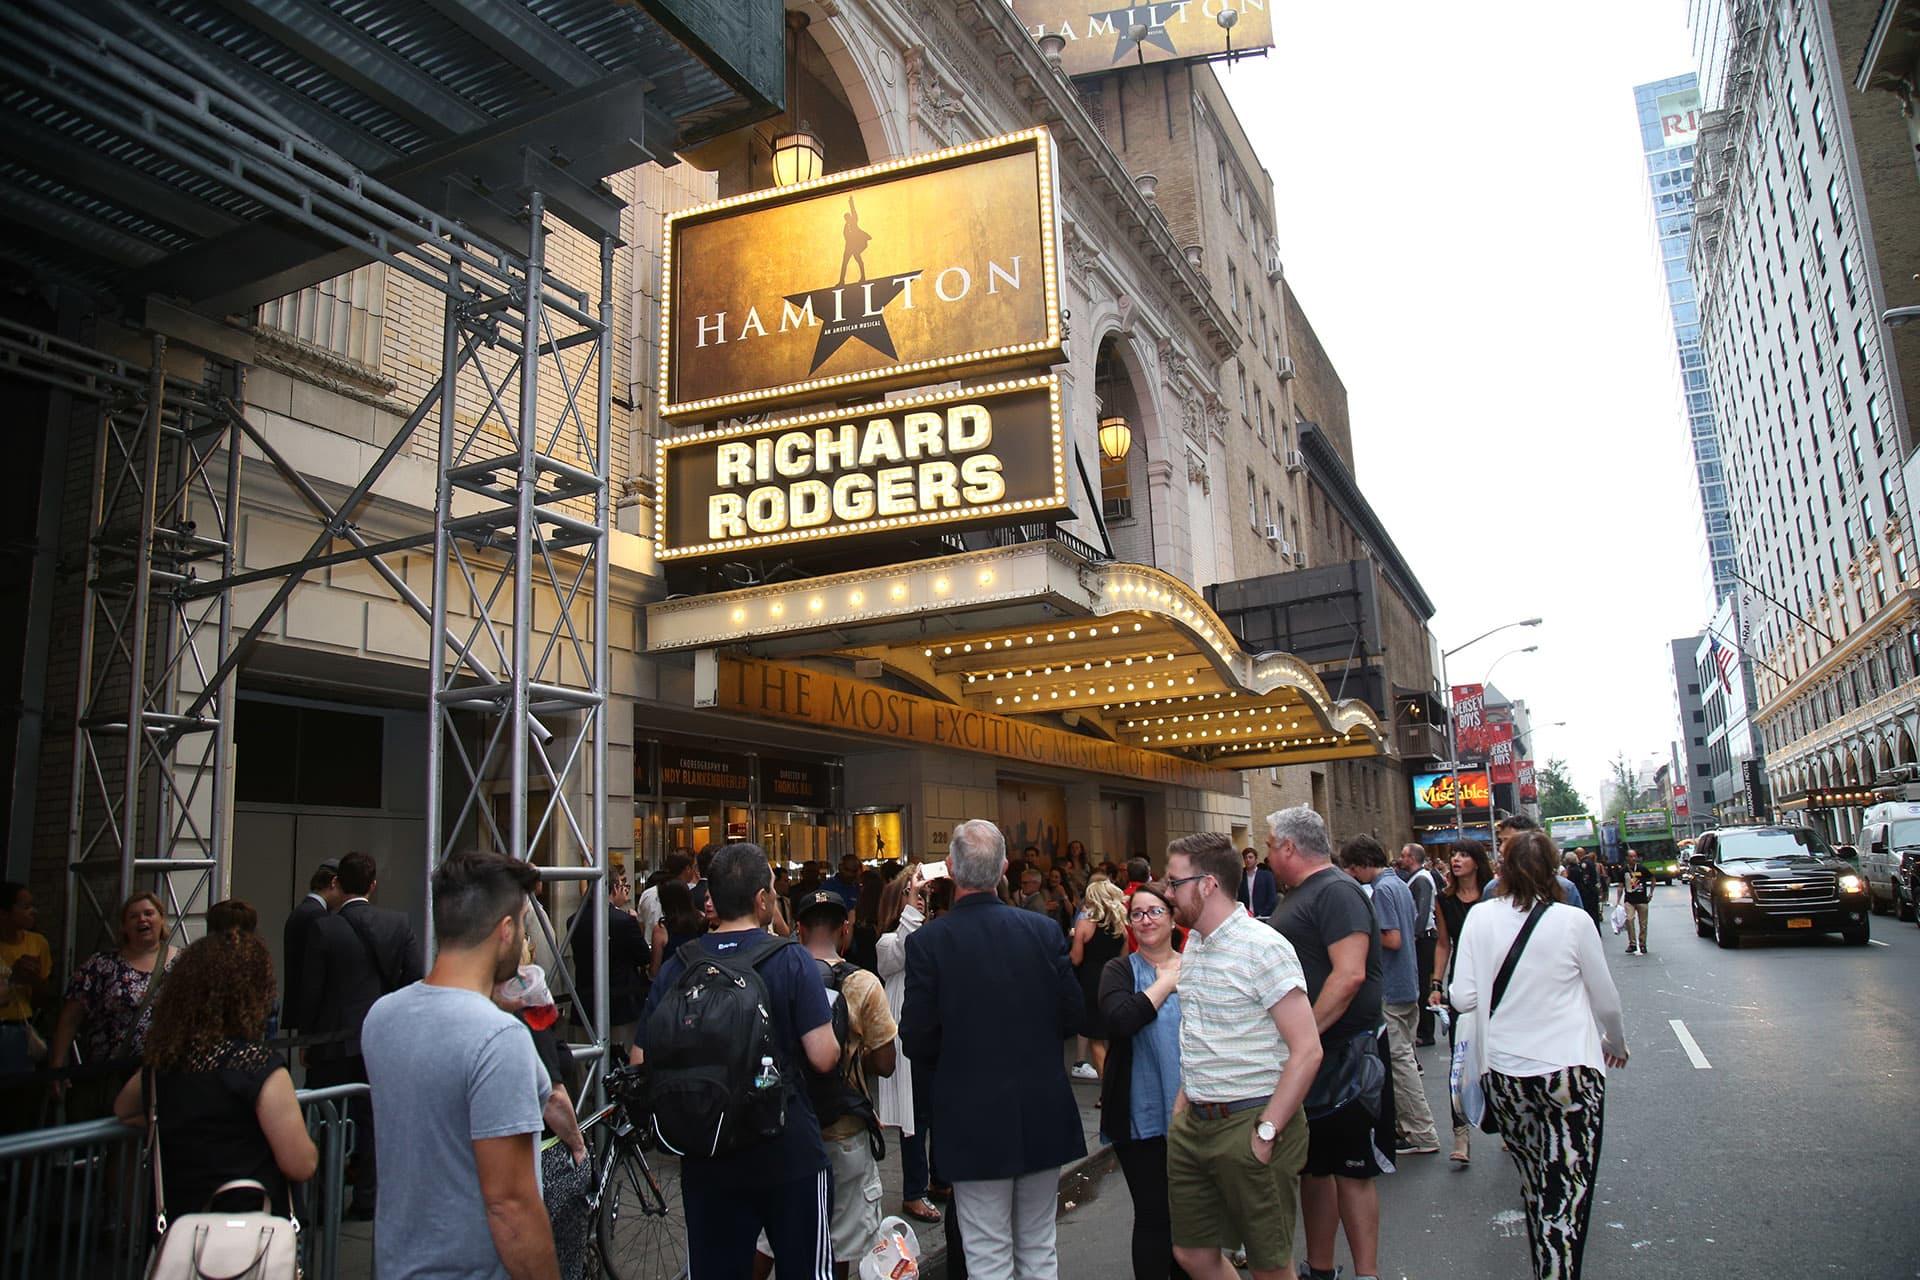 Richard Rodgers teatteri.